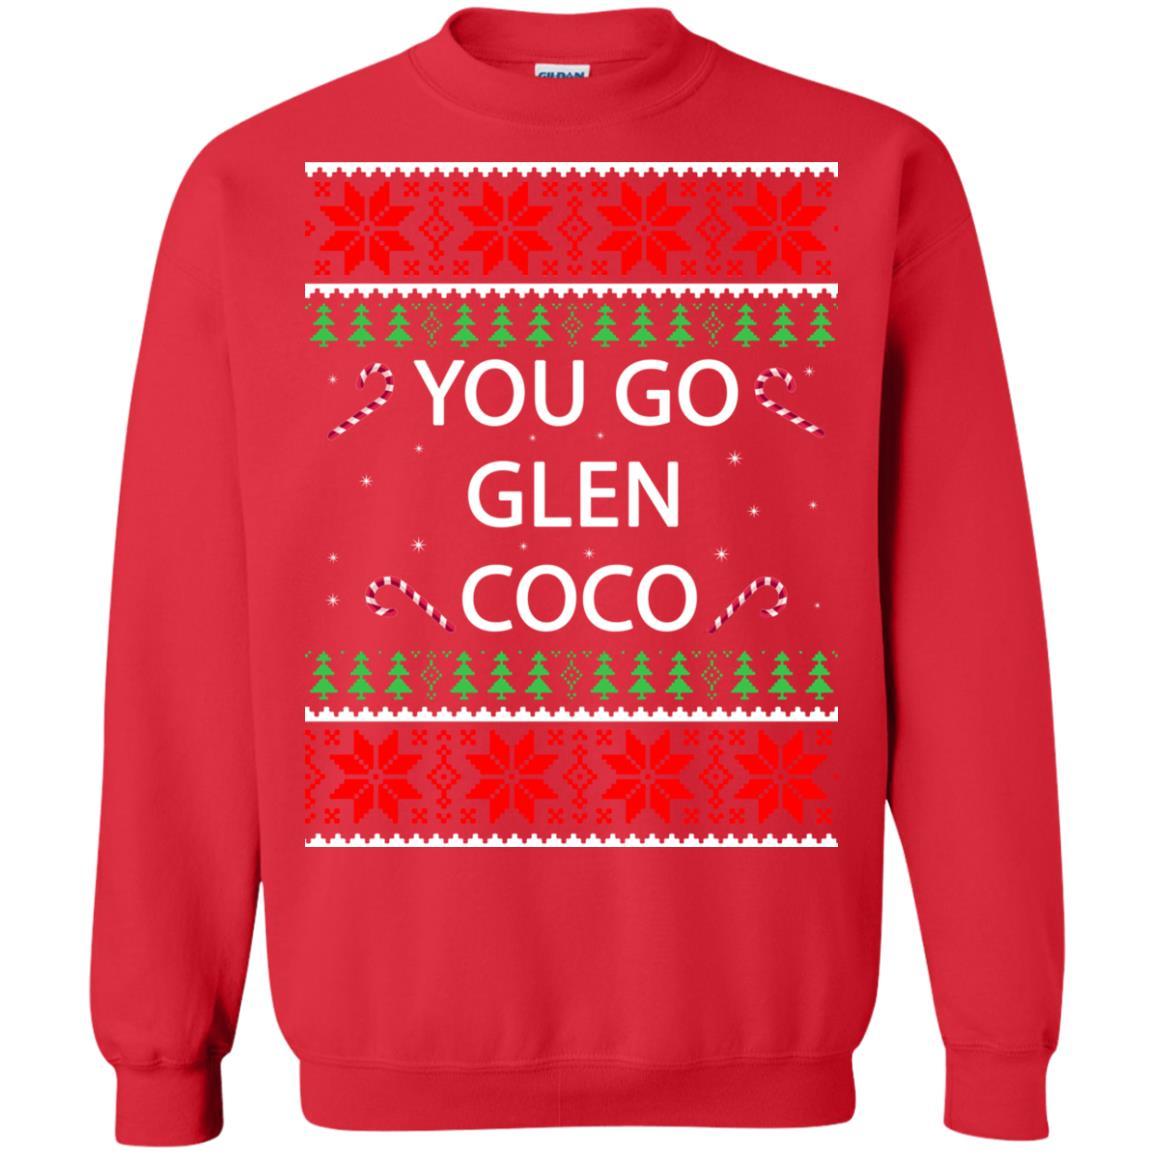 image 3155 - You Go Glen Coco Sweatshirts, Hoodie, Tank